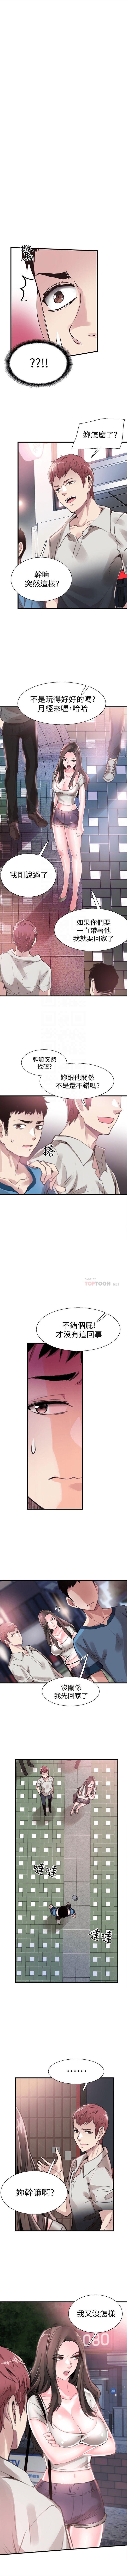 (週7)校園live秀 1-50 中文翻譯(更新中) 202